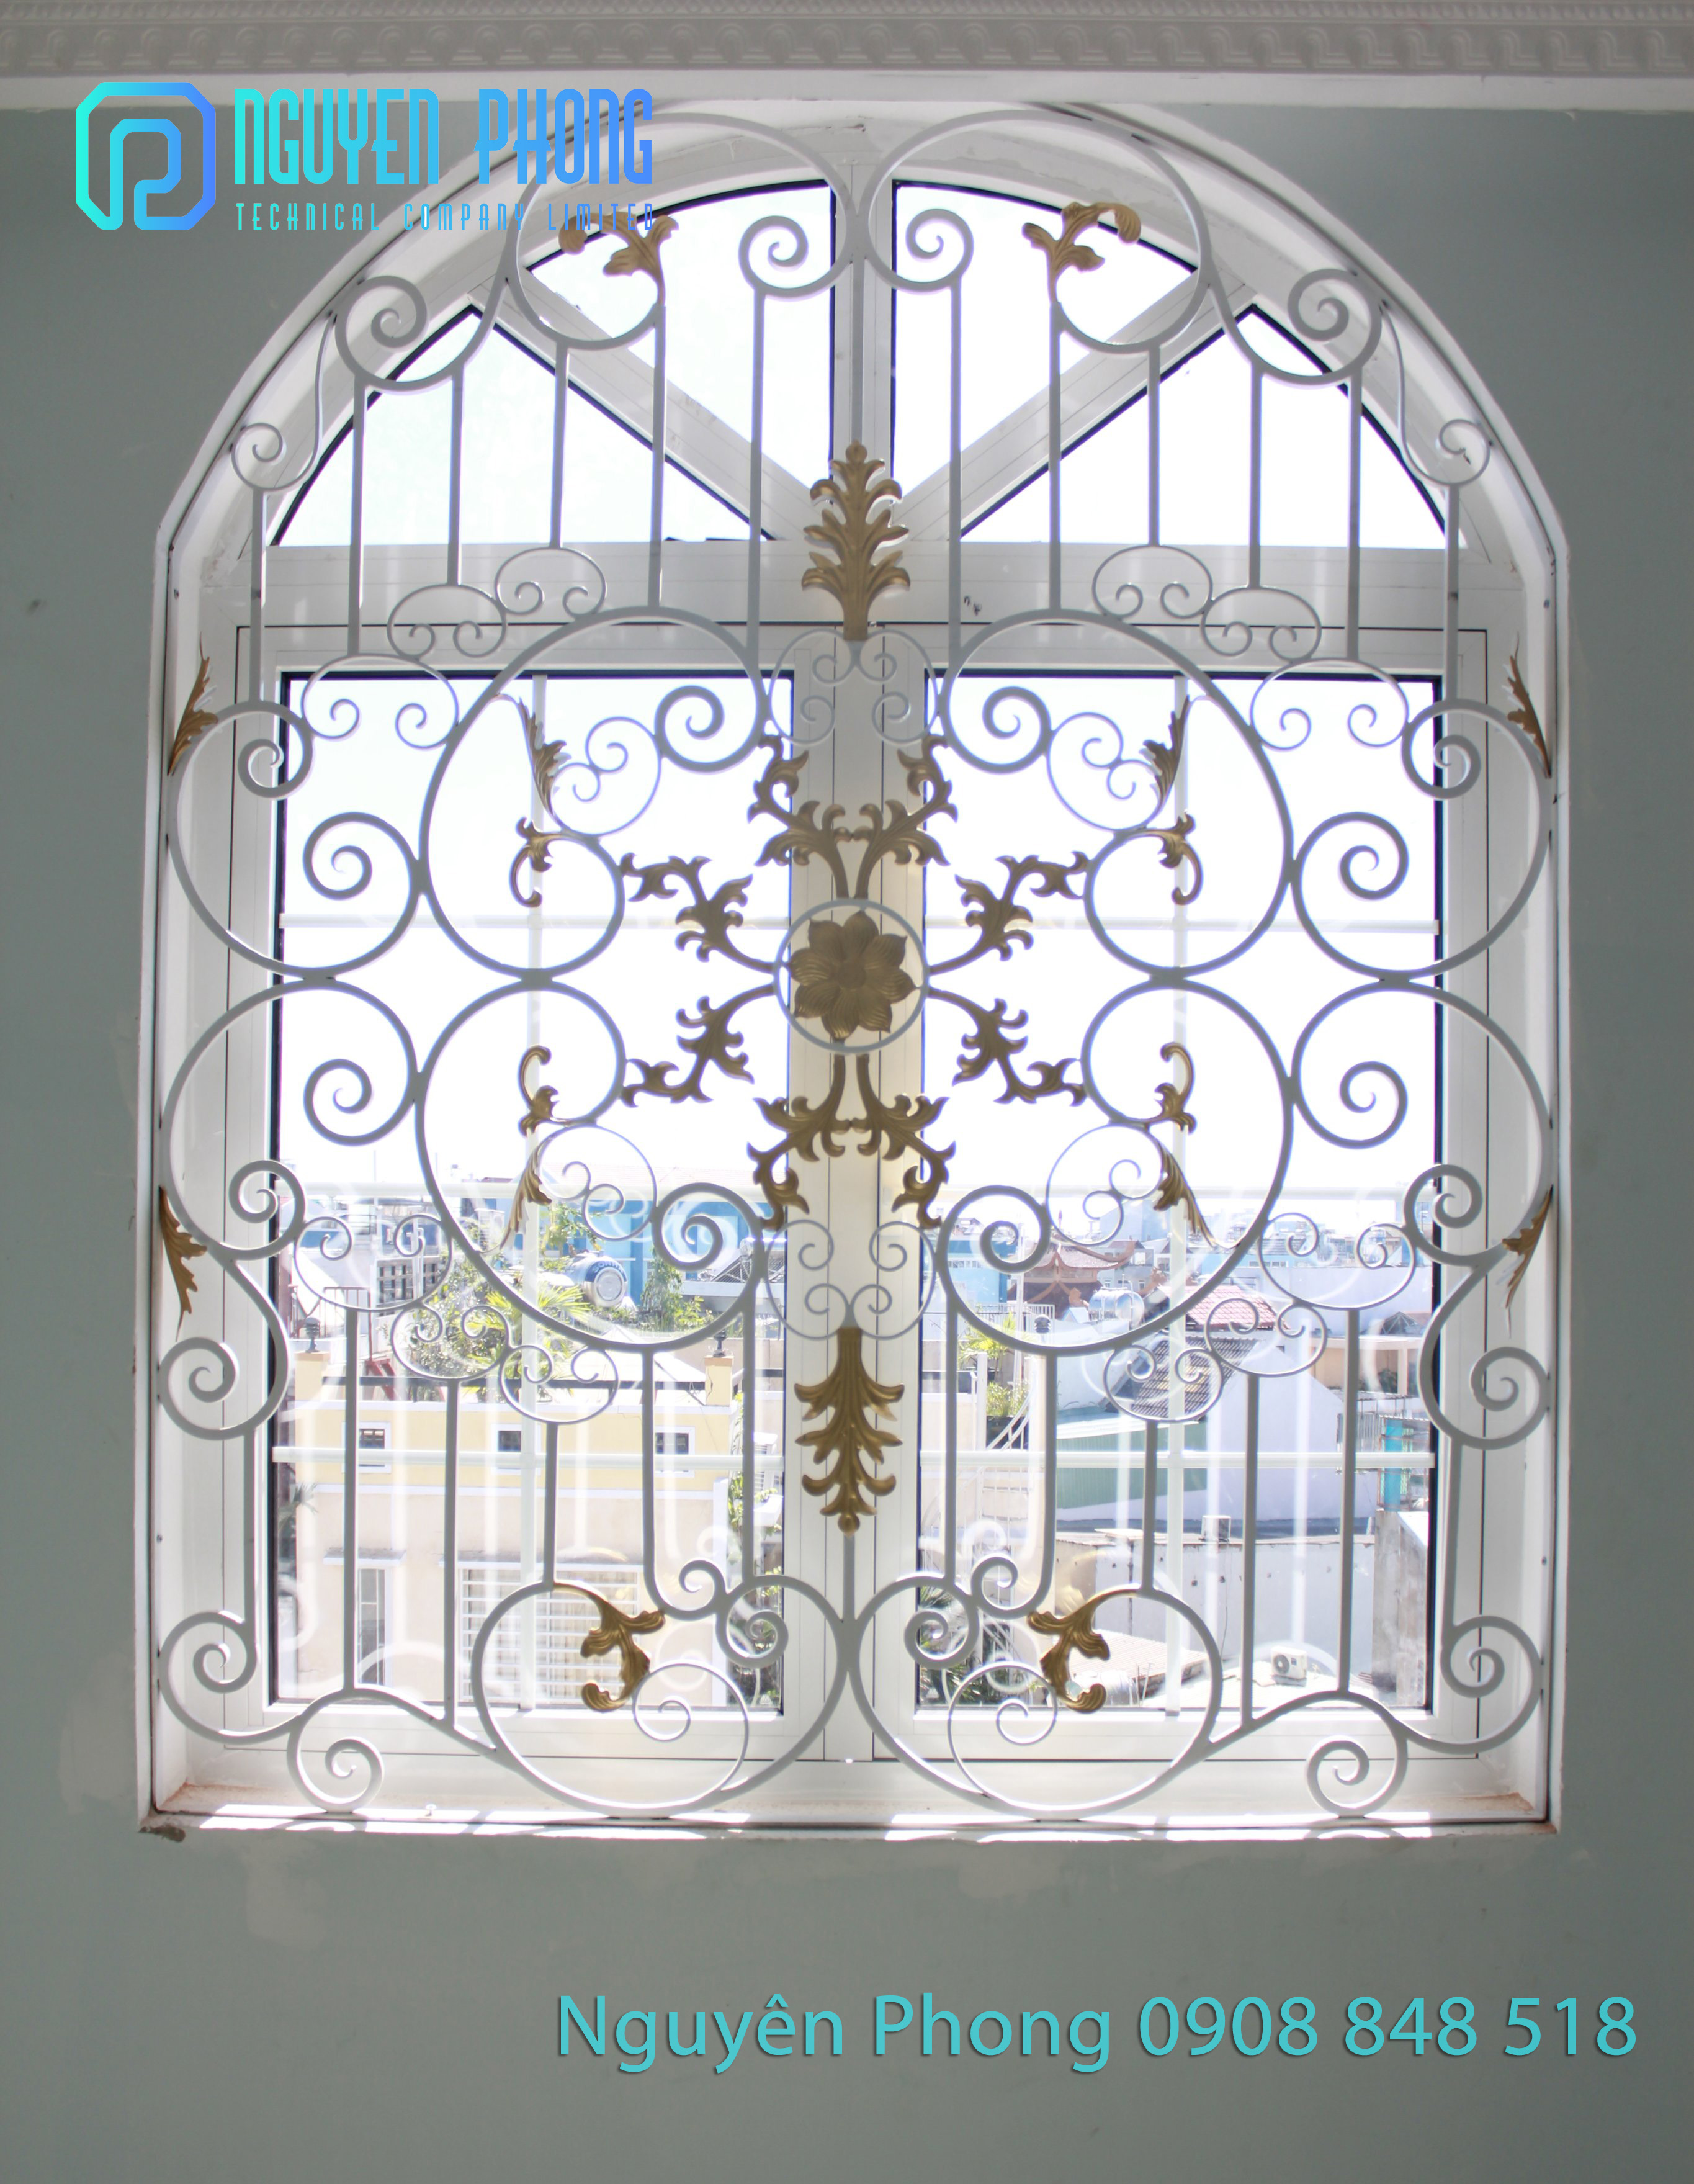 Thiết kế, gia công, thi công trọn gói khung bảo vệ cửa sổ sắt uốn nghệ thuật đẹp cho biệt thự, nhà phố